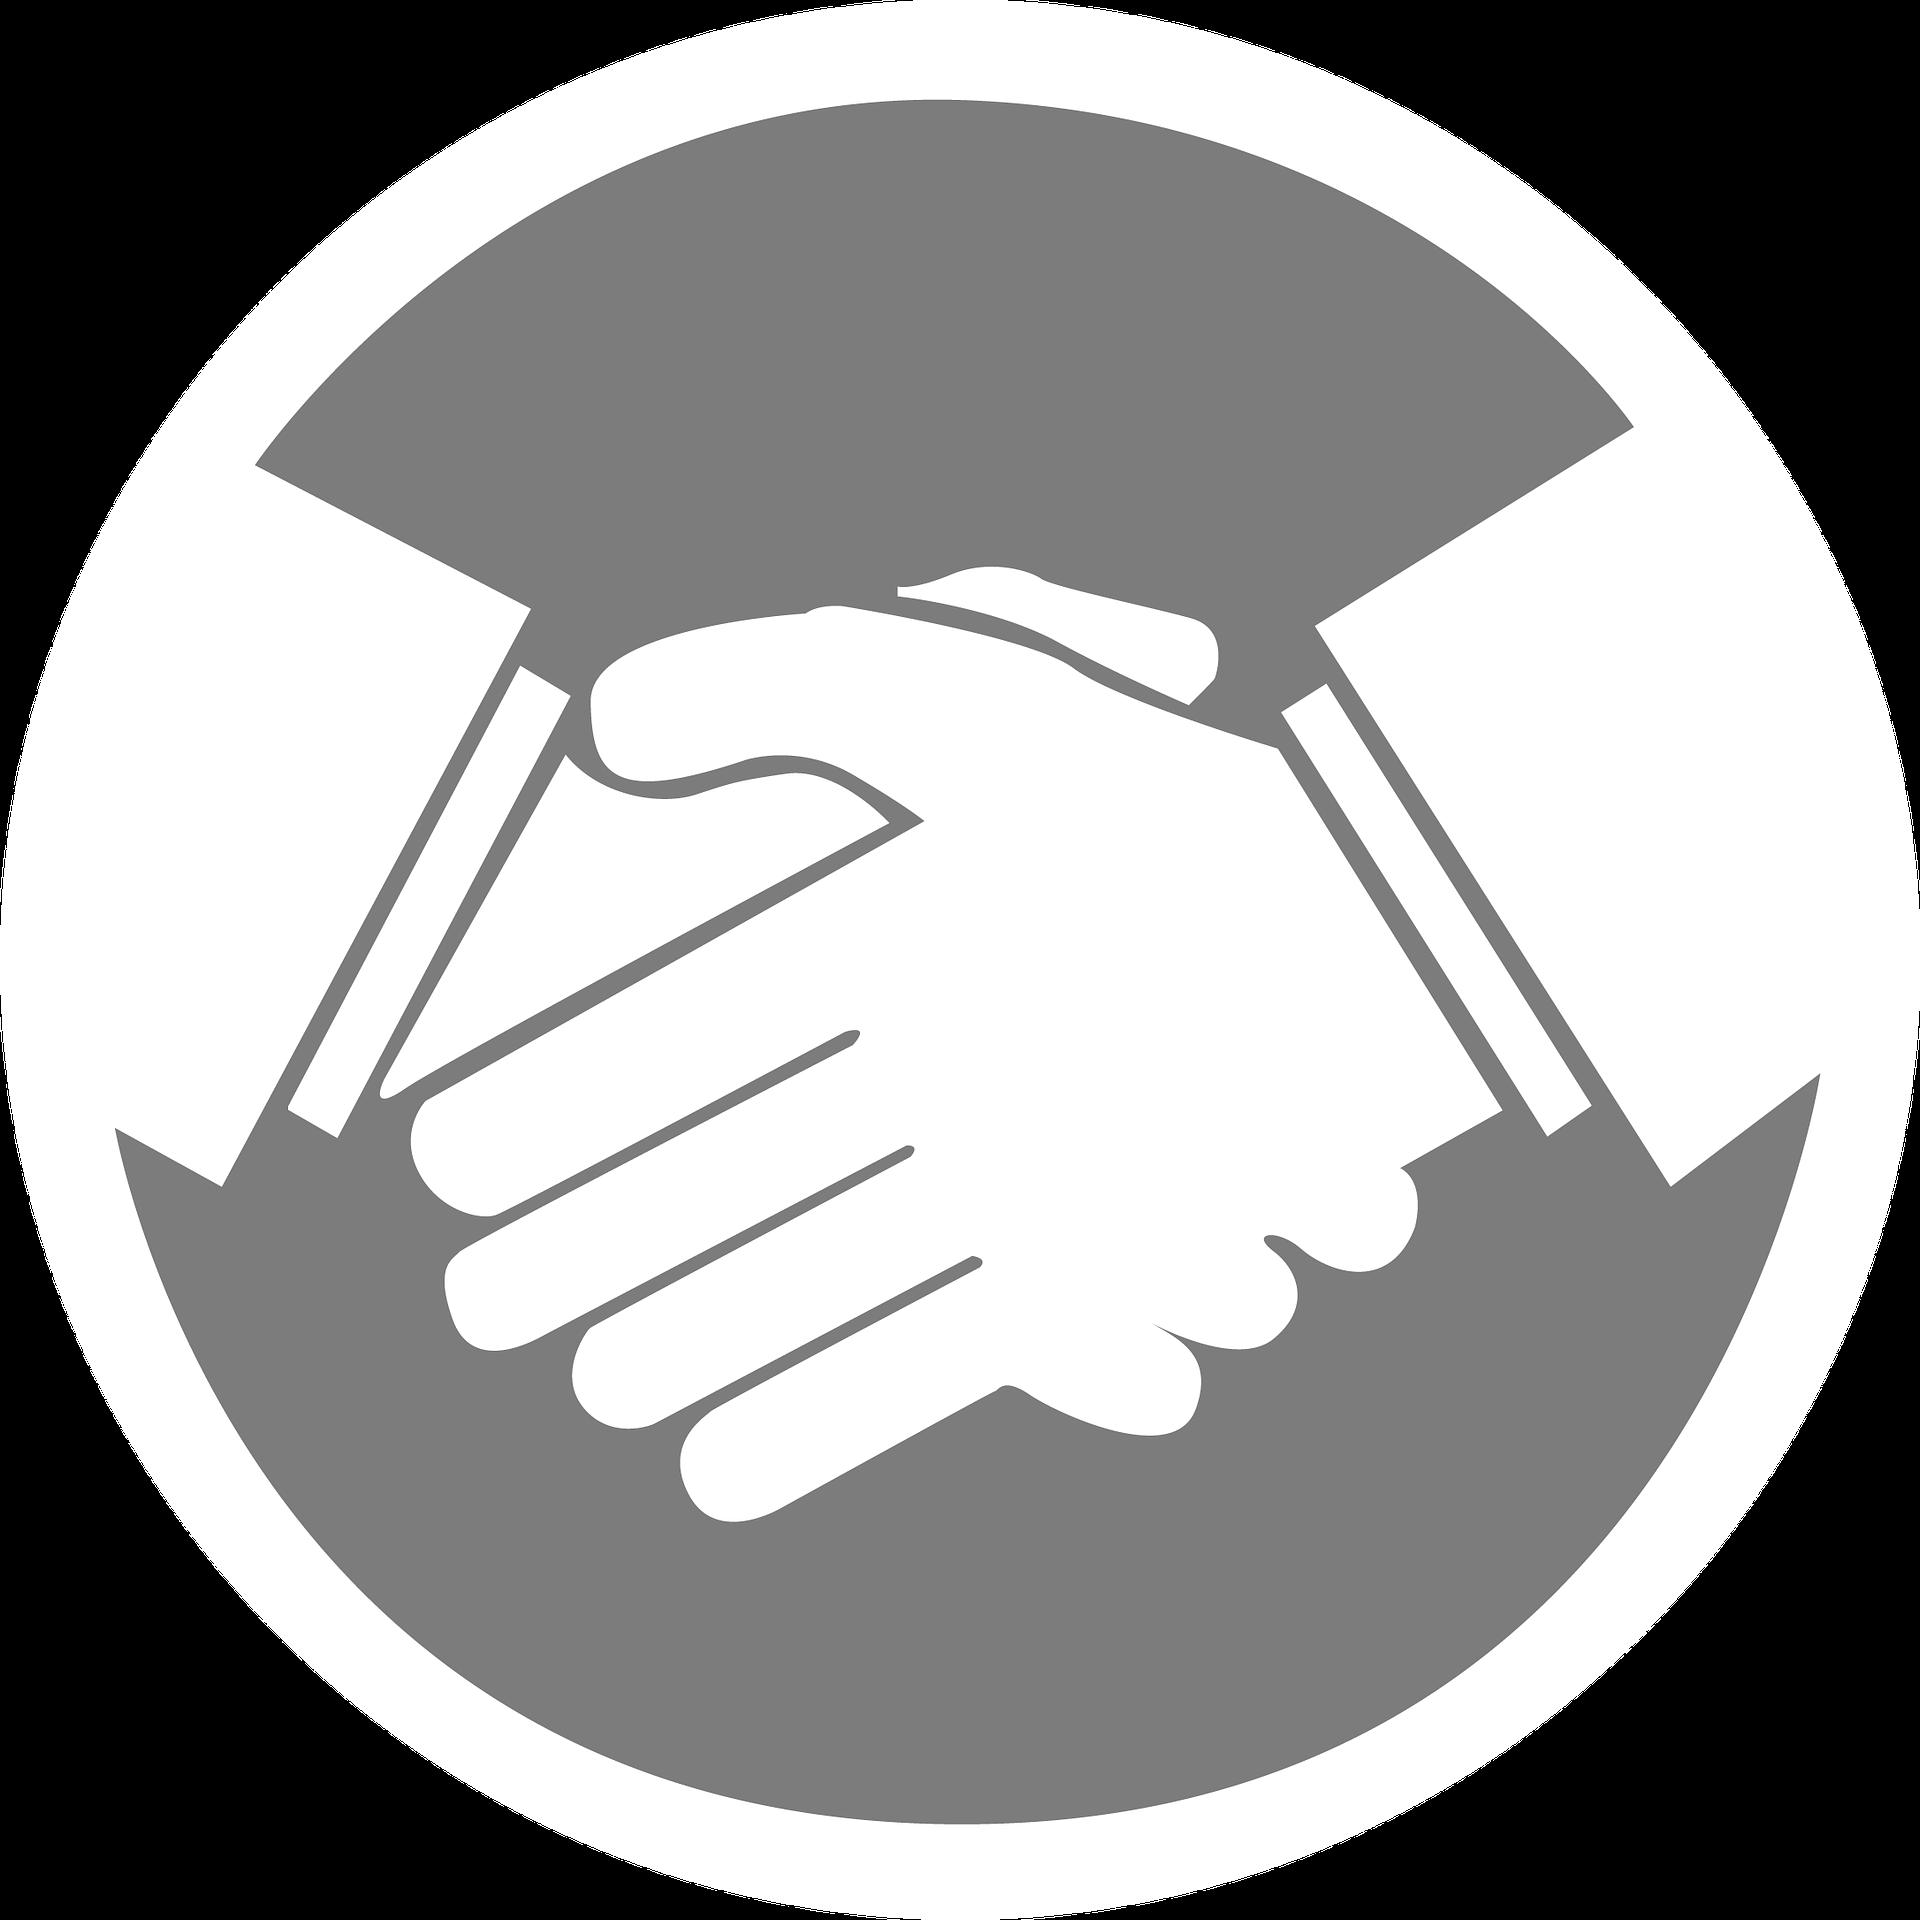 handshake-1910702_1920